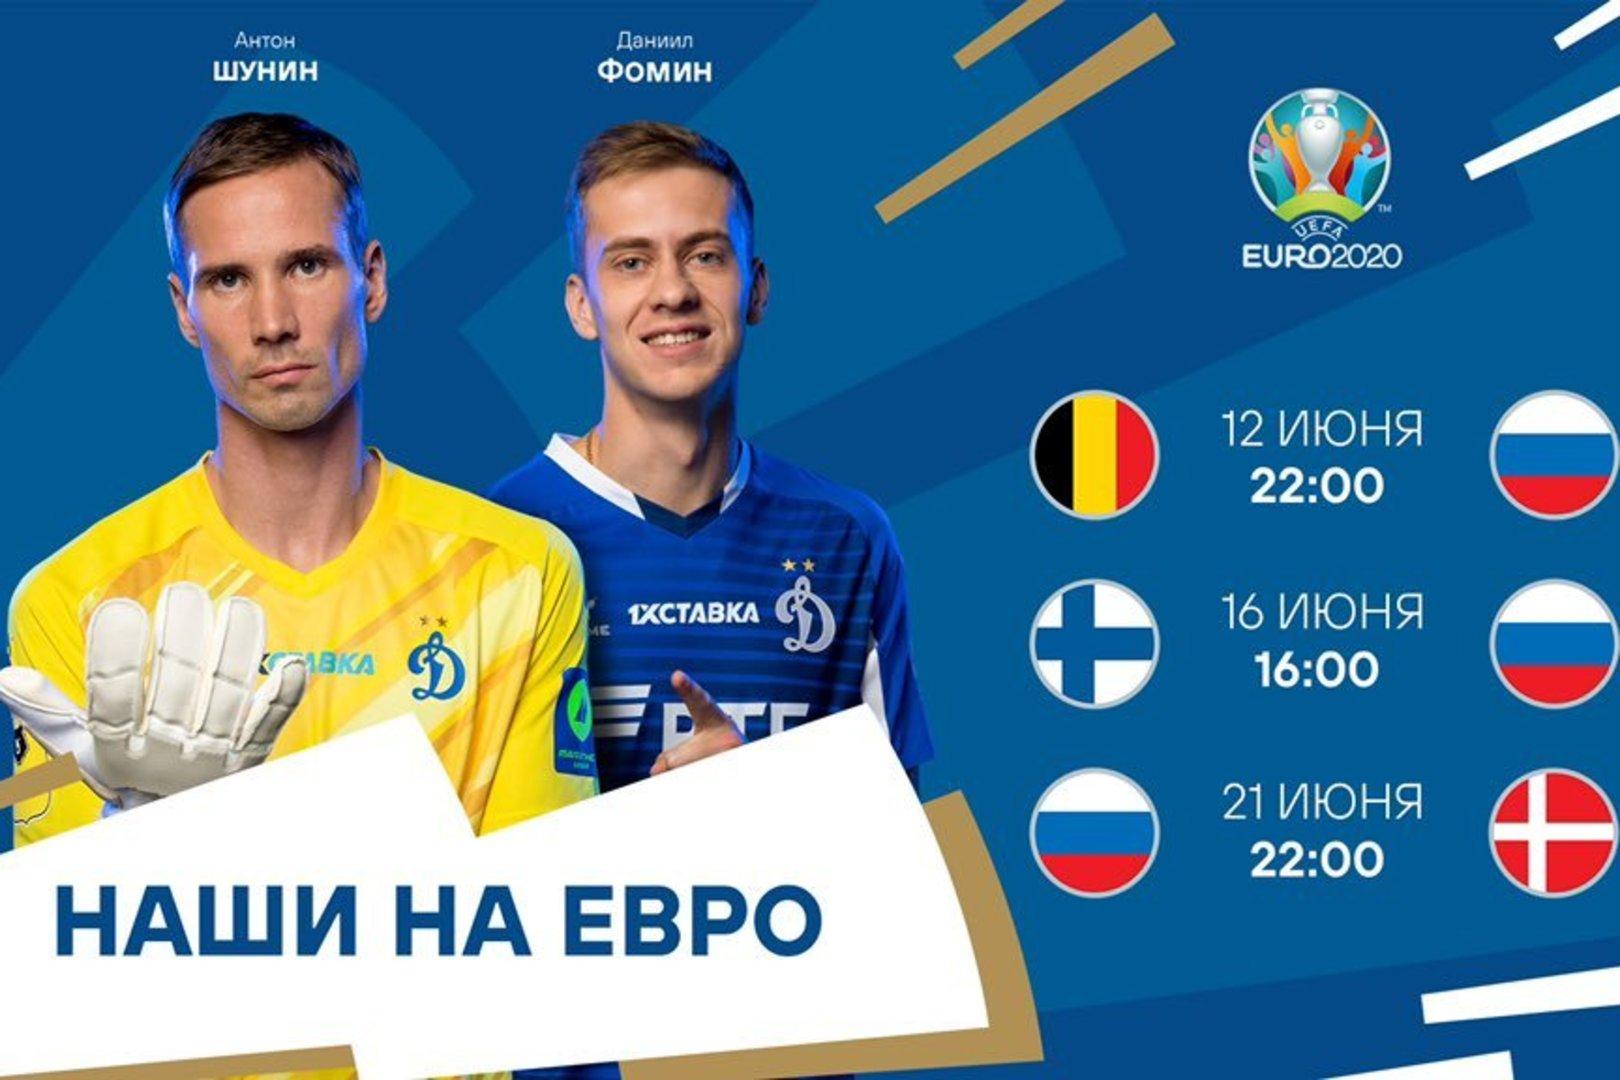 Шунин и Фомин вошли в итоговую заявку сборной России на Евро-2020